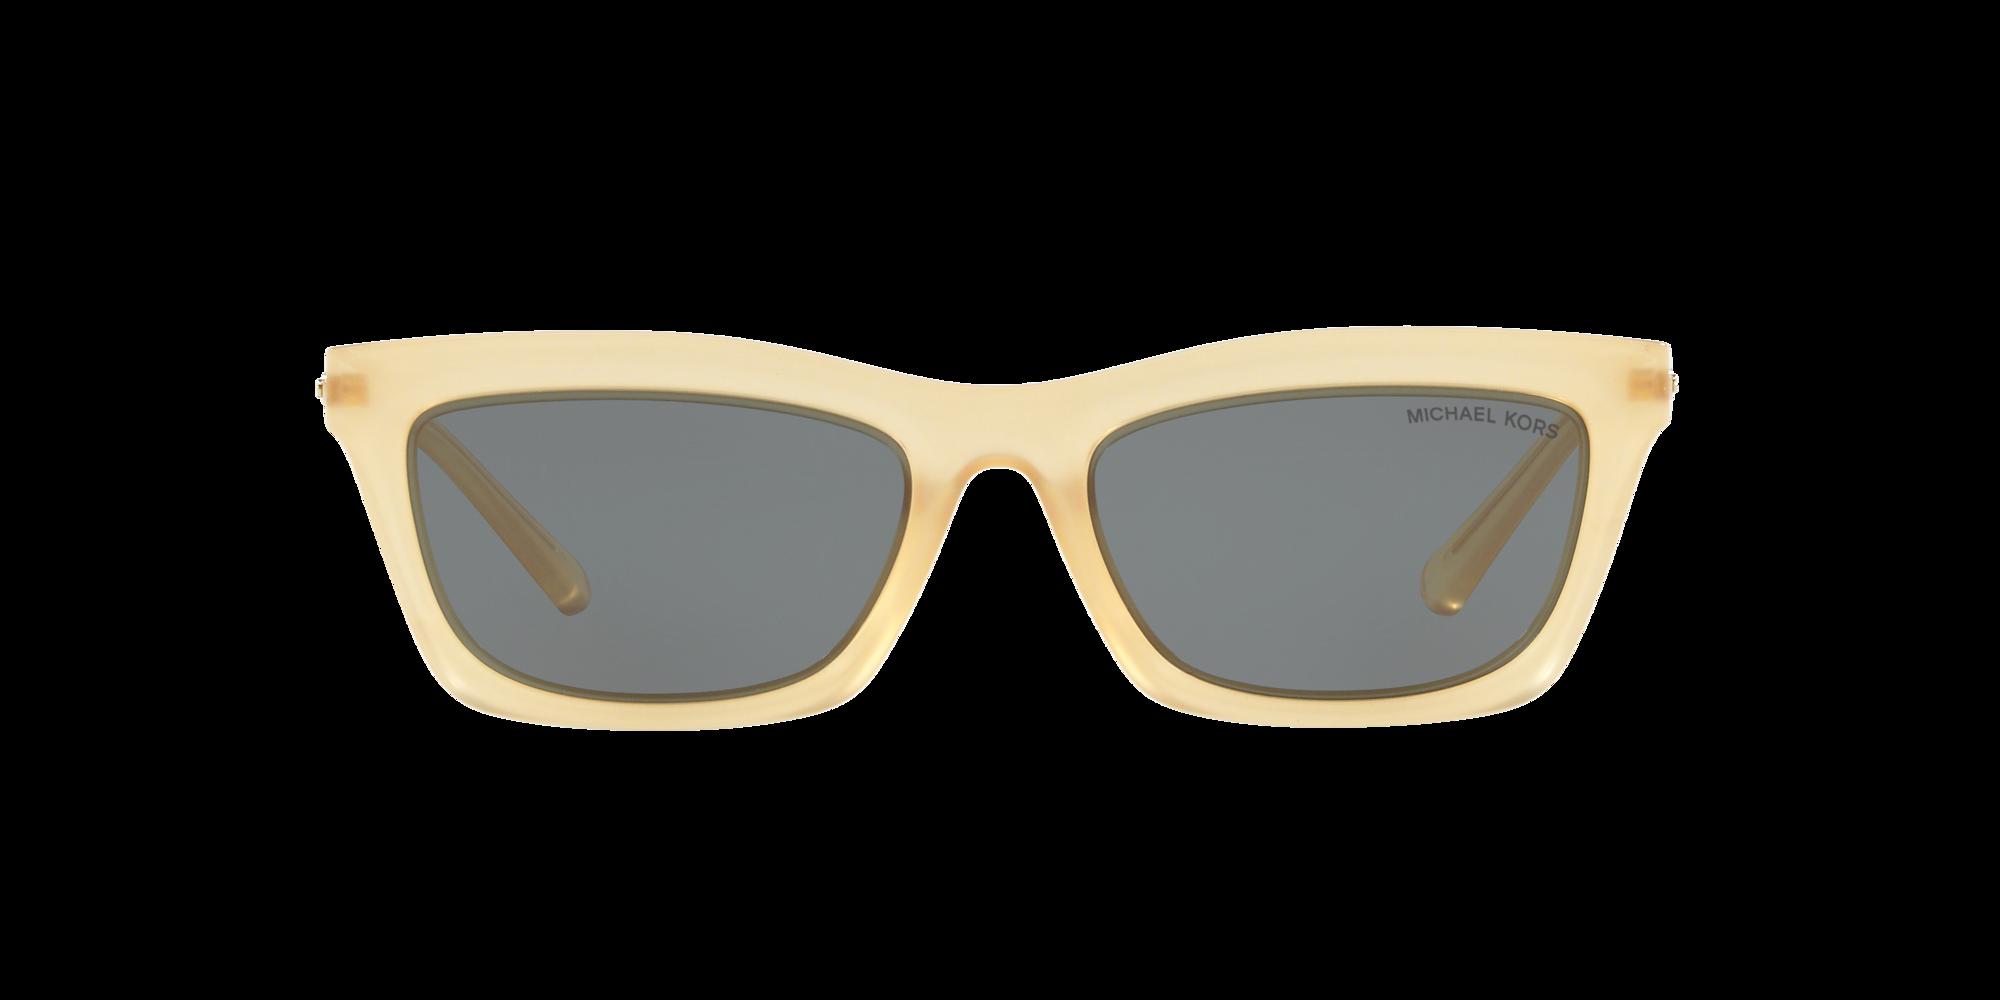 Imagen para MK2087U 54 STOWE de LensCrafters |  Espejuelos, espejuelos graduados en línea, gafas